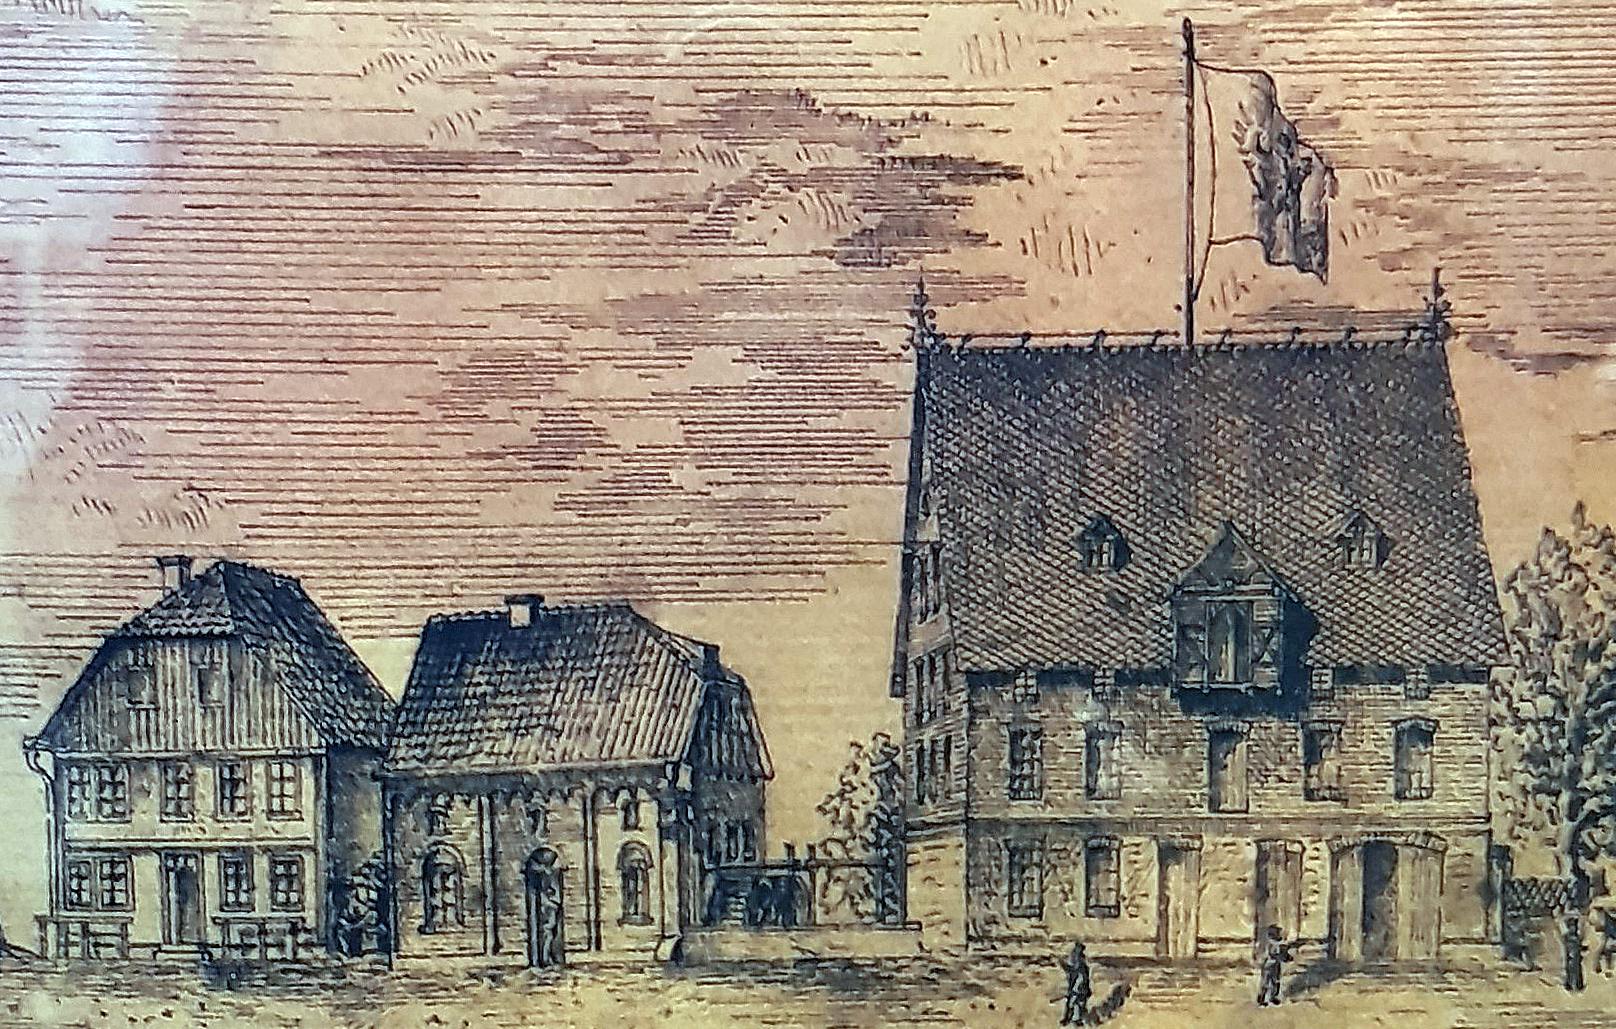 """Ensemble """"Neuhäuser Mühlenwerke"""" der Firma A. Rosenthal (v. l. n. r.) Wohnhaus, dreigängige Roggenmühle und Lagerhaus an der heutigen Schlossstraße, um 1880 (Federzeichnung, Privatarchiv Georg. G. SANTEL, Paderborn)"""